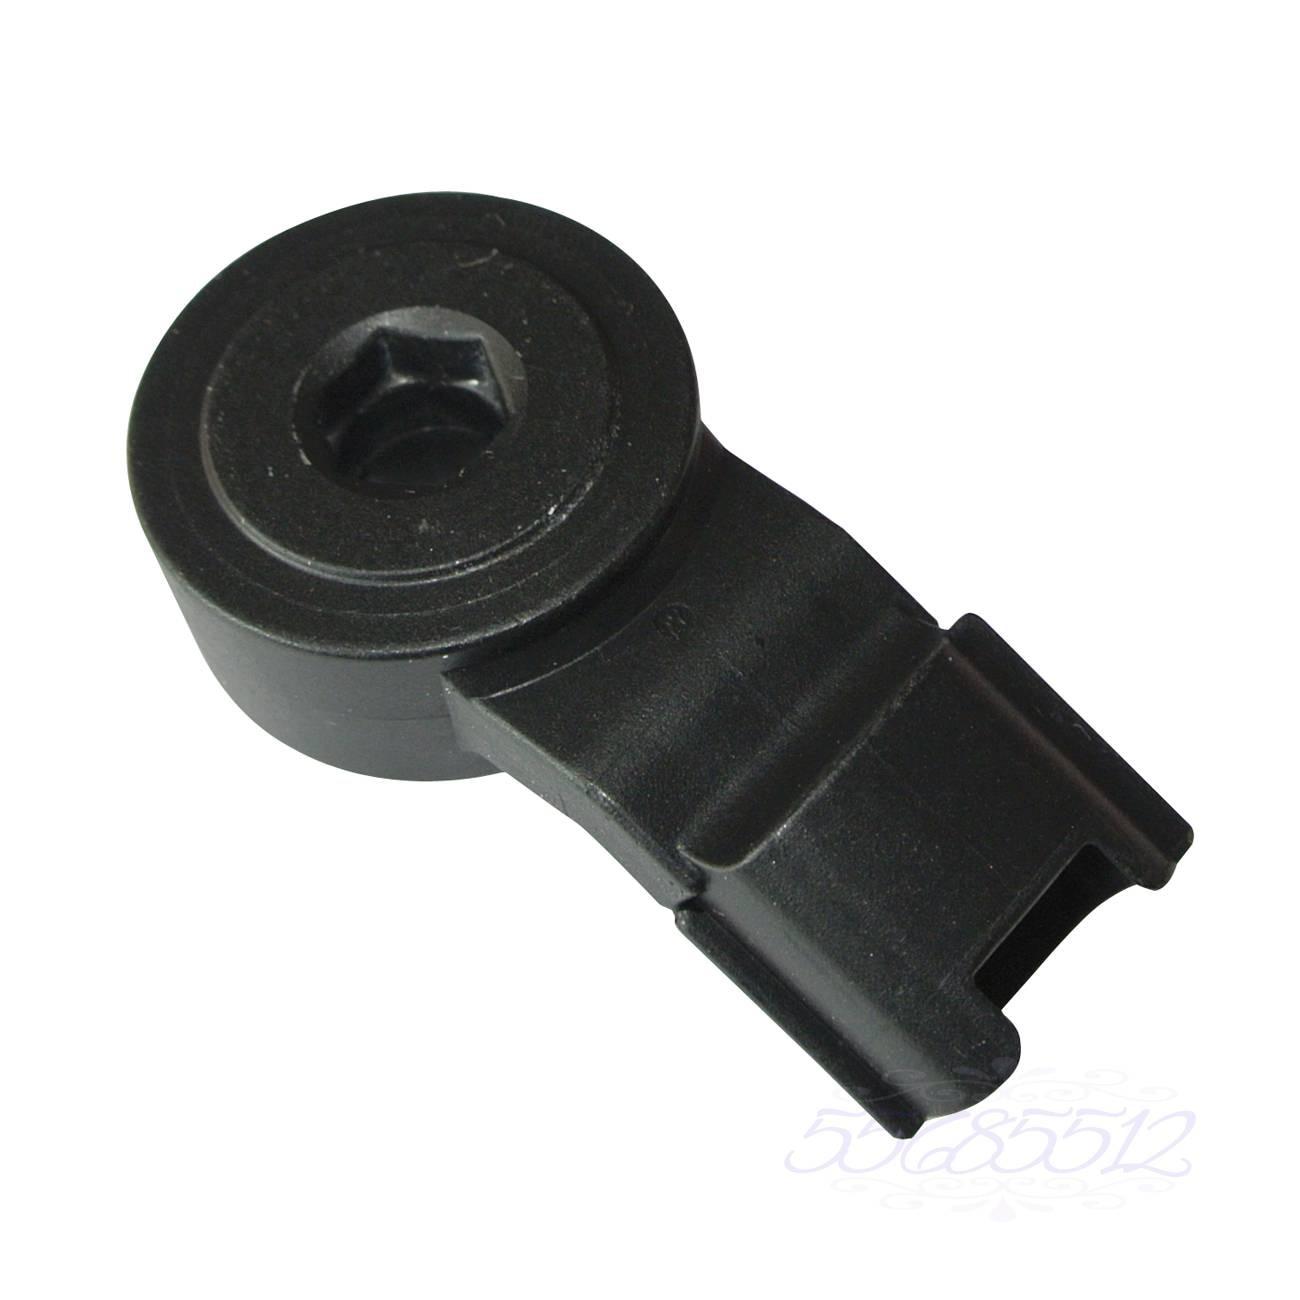 89615-20090 Zündanlage Knock Sensor Für Toyota 4 Runner Avalon Camry Celica Corolla 2003-2008 Mit Traditionellen Methoden